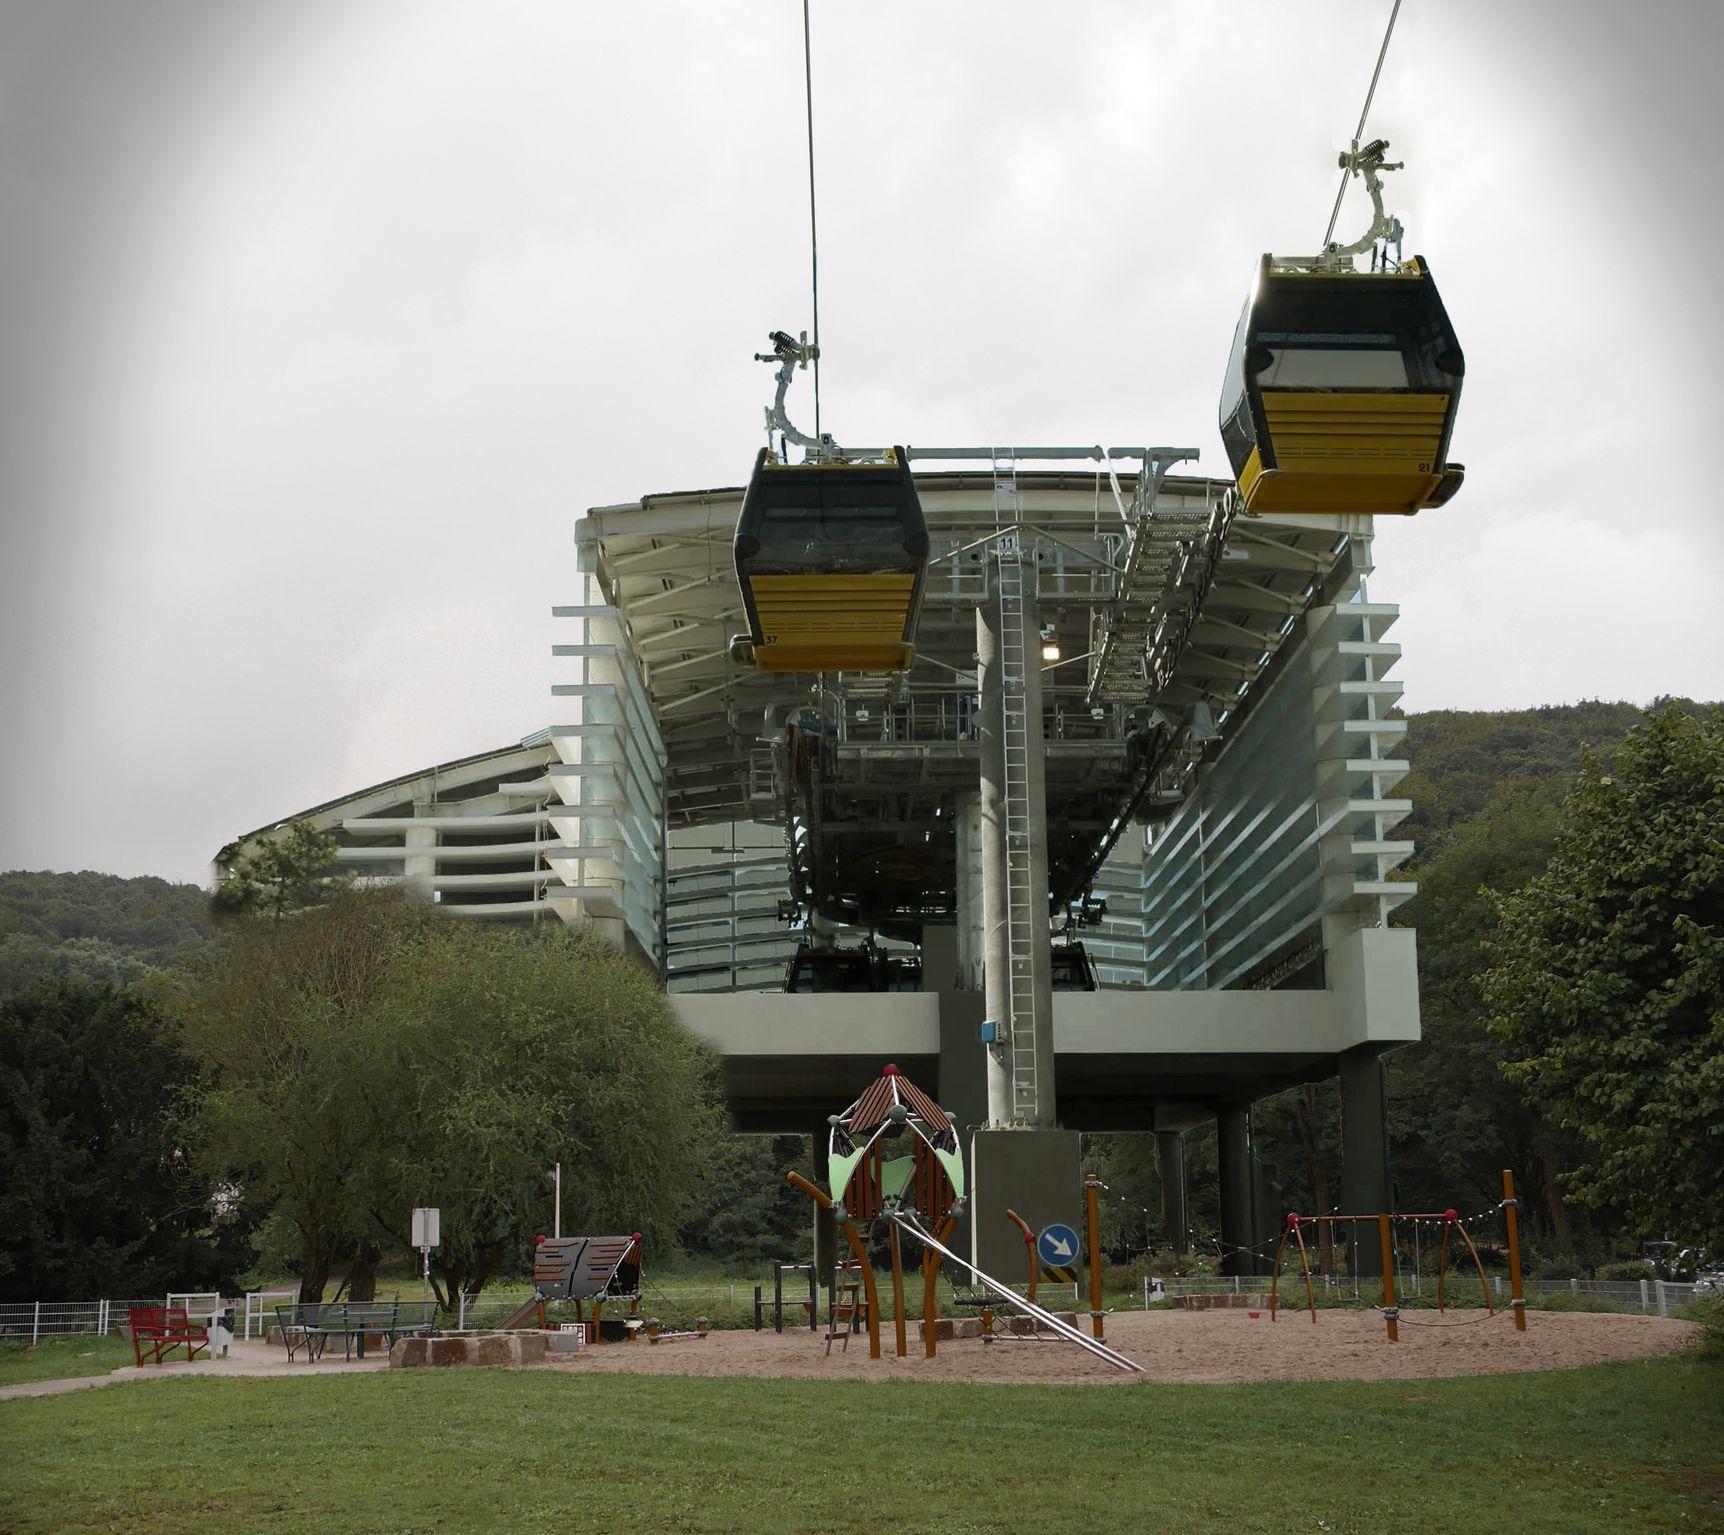 Über dem neuen Spielplatz am Hindenburgplatz wird eine 50m lange Seilbahnstation errichtet